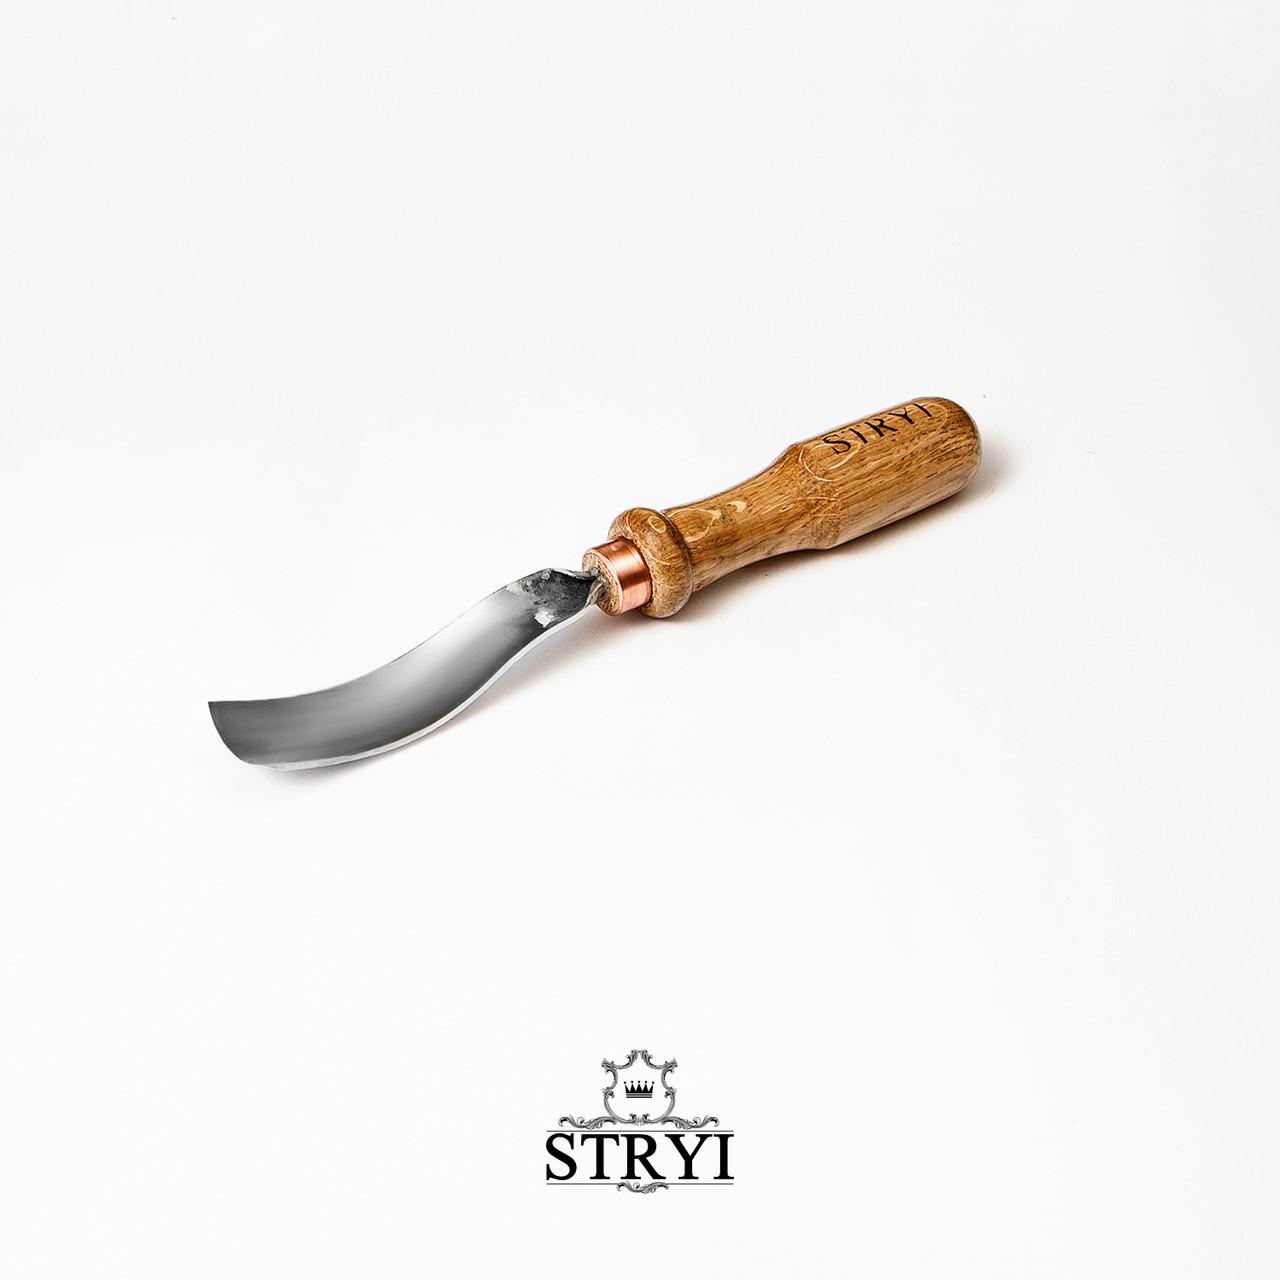 Стамеска клюкарза для резьбы по дереву, 25мм профиль №7